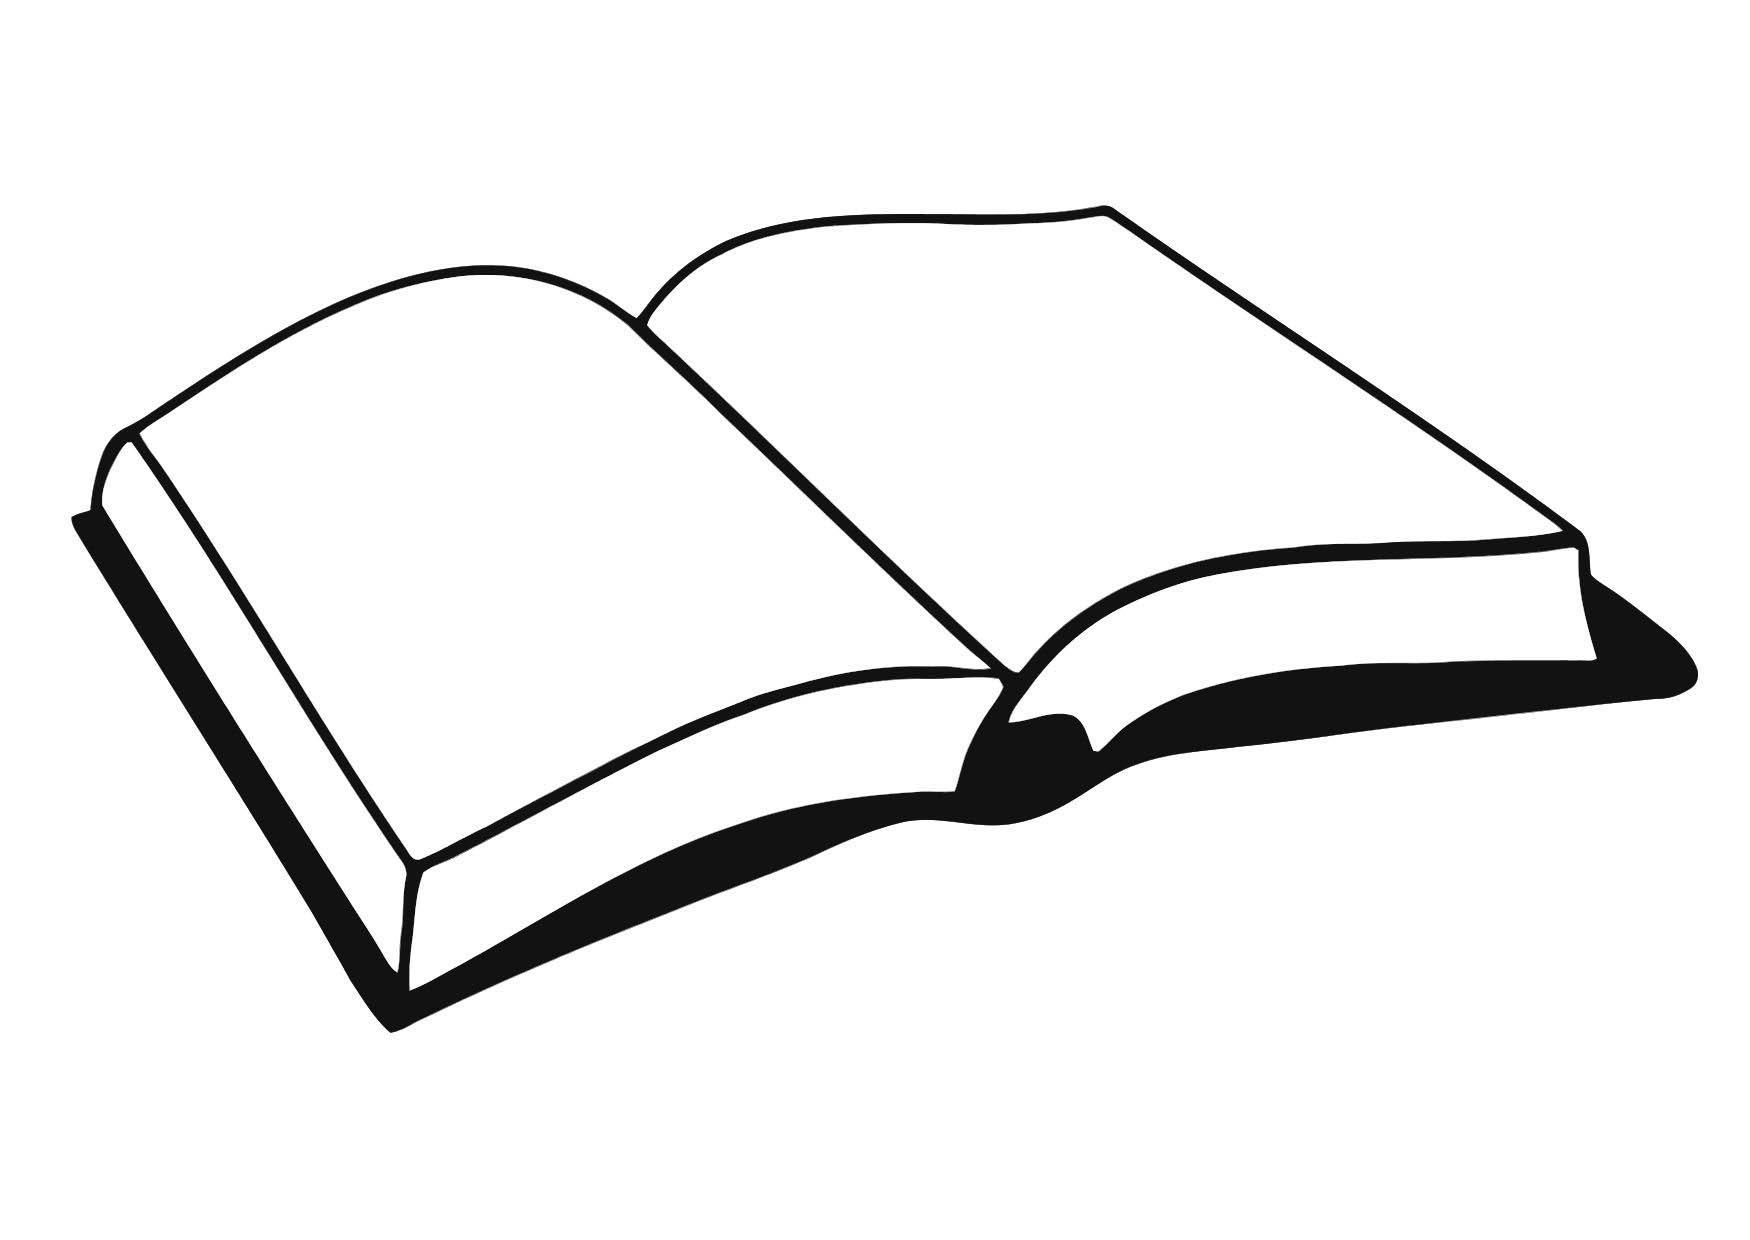 kleurplaat boek gratis kleurplaten om te printen